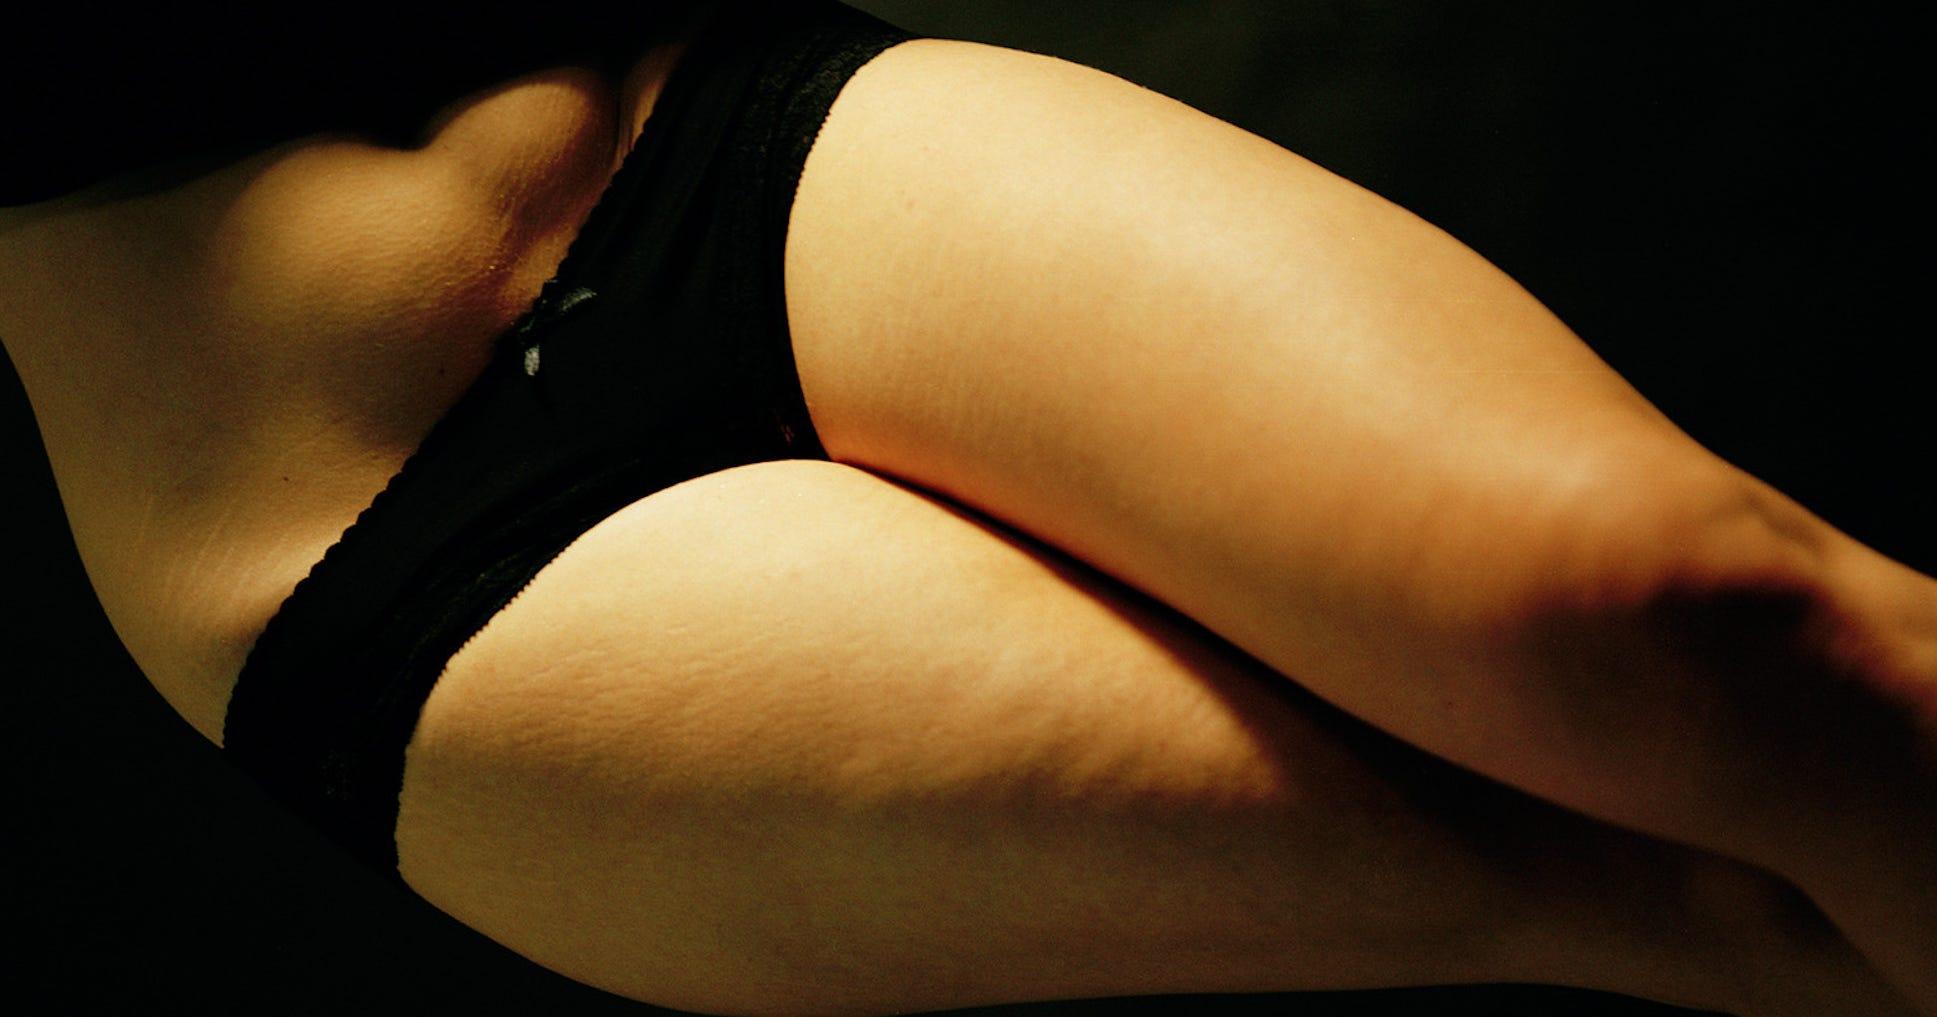 Japanerin Spricht Deutch Kostenlose Sexvideos - Sehen Sie